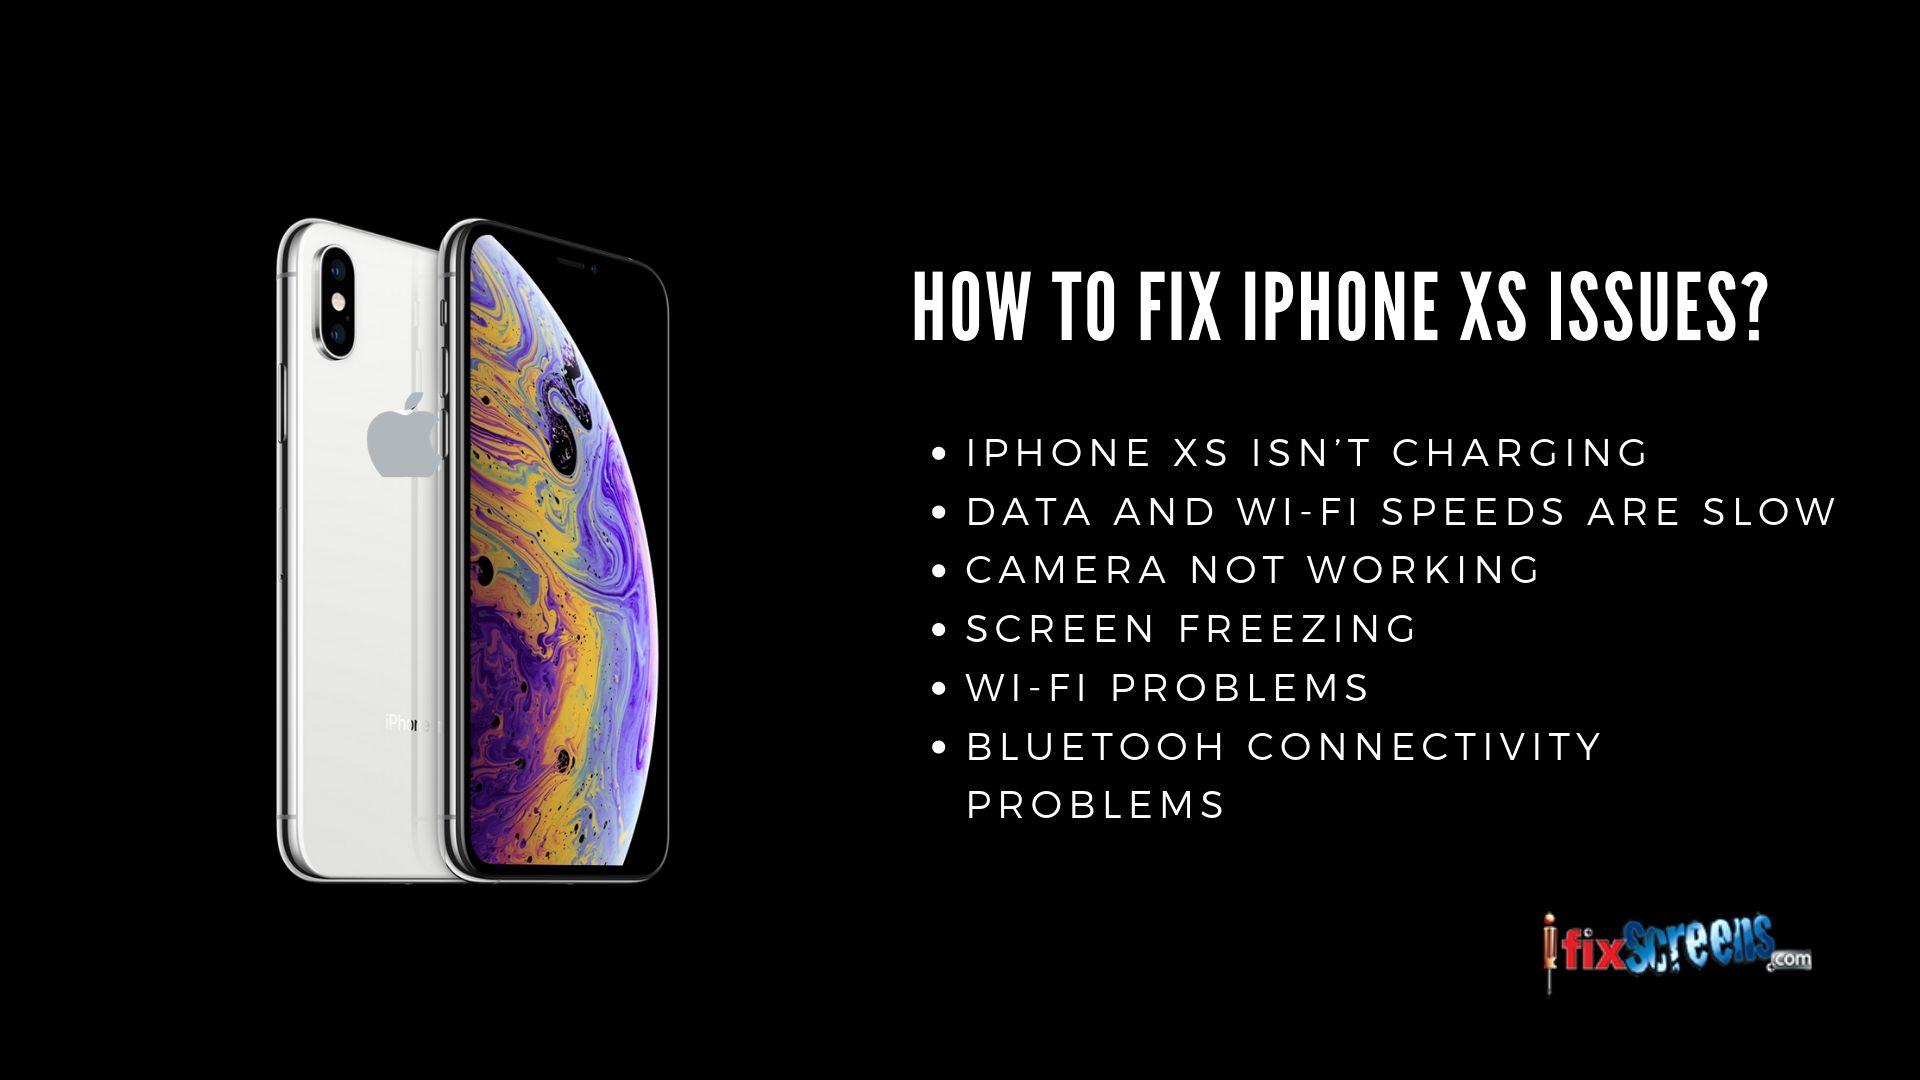 Iphone xs repair ifixscreens affordable and fast repair